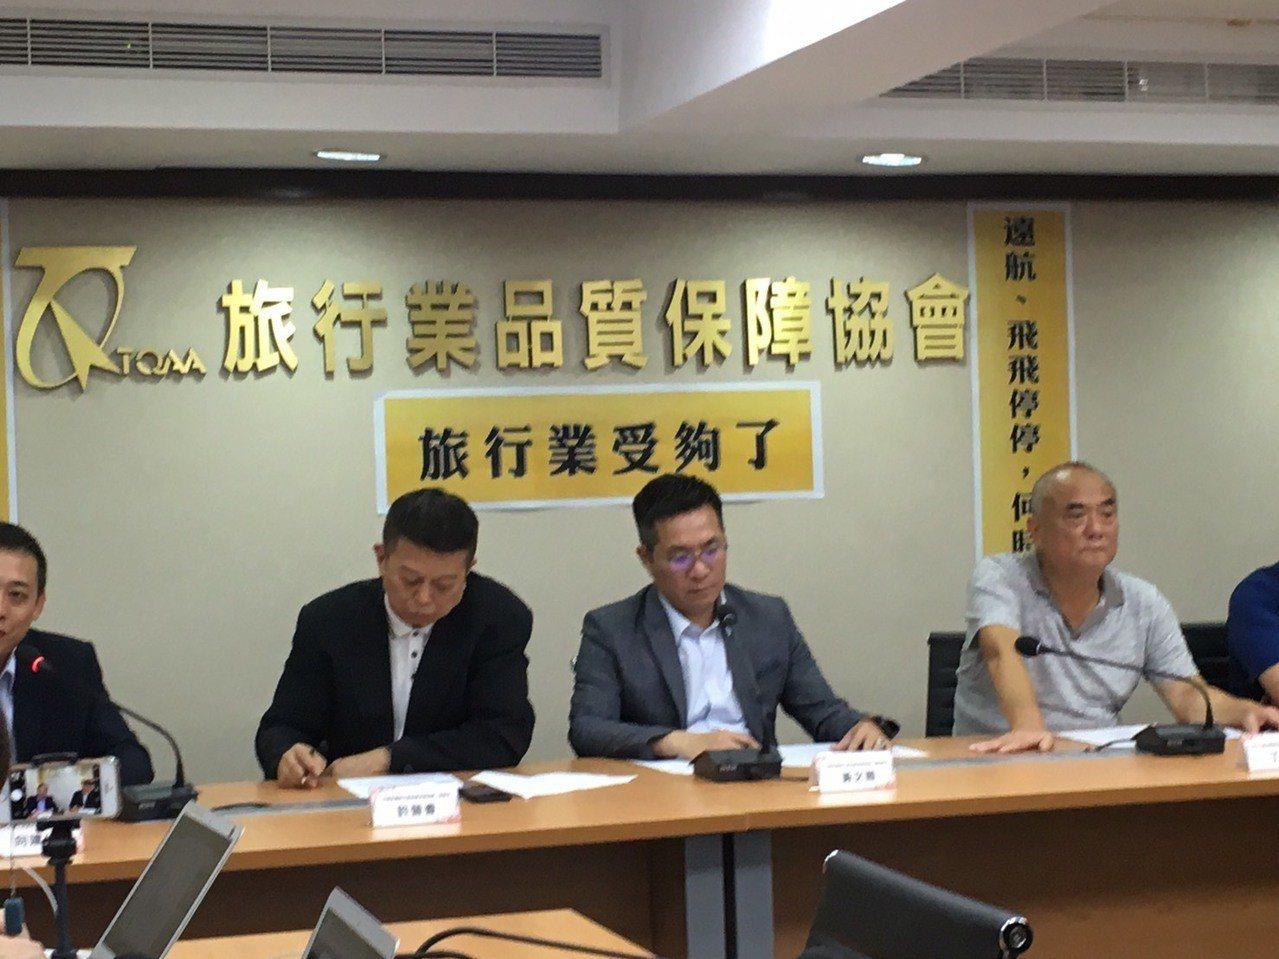 品保協會今天開記者會,控訴遠東航空無預警停飛。記者吳姿賢/攝影